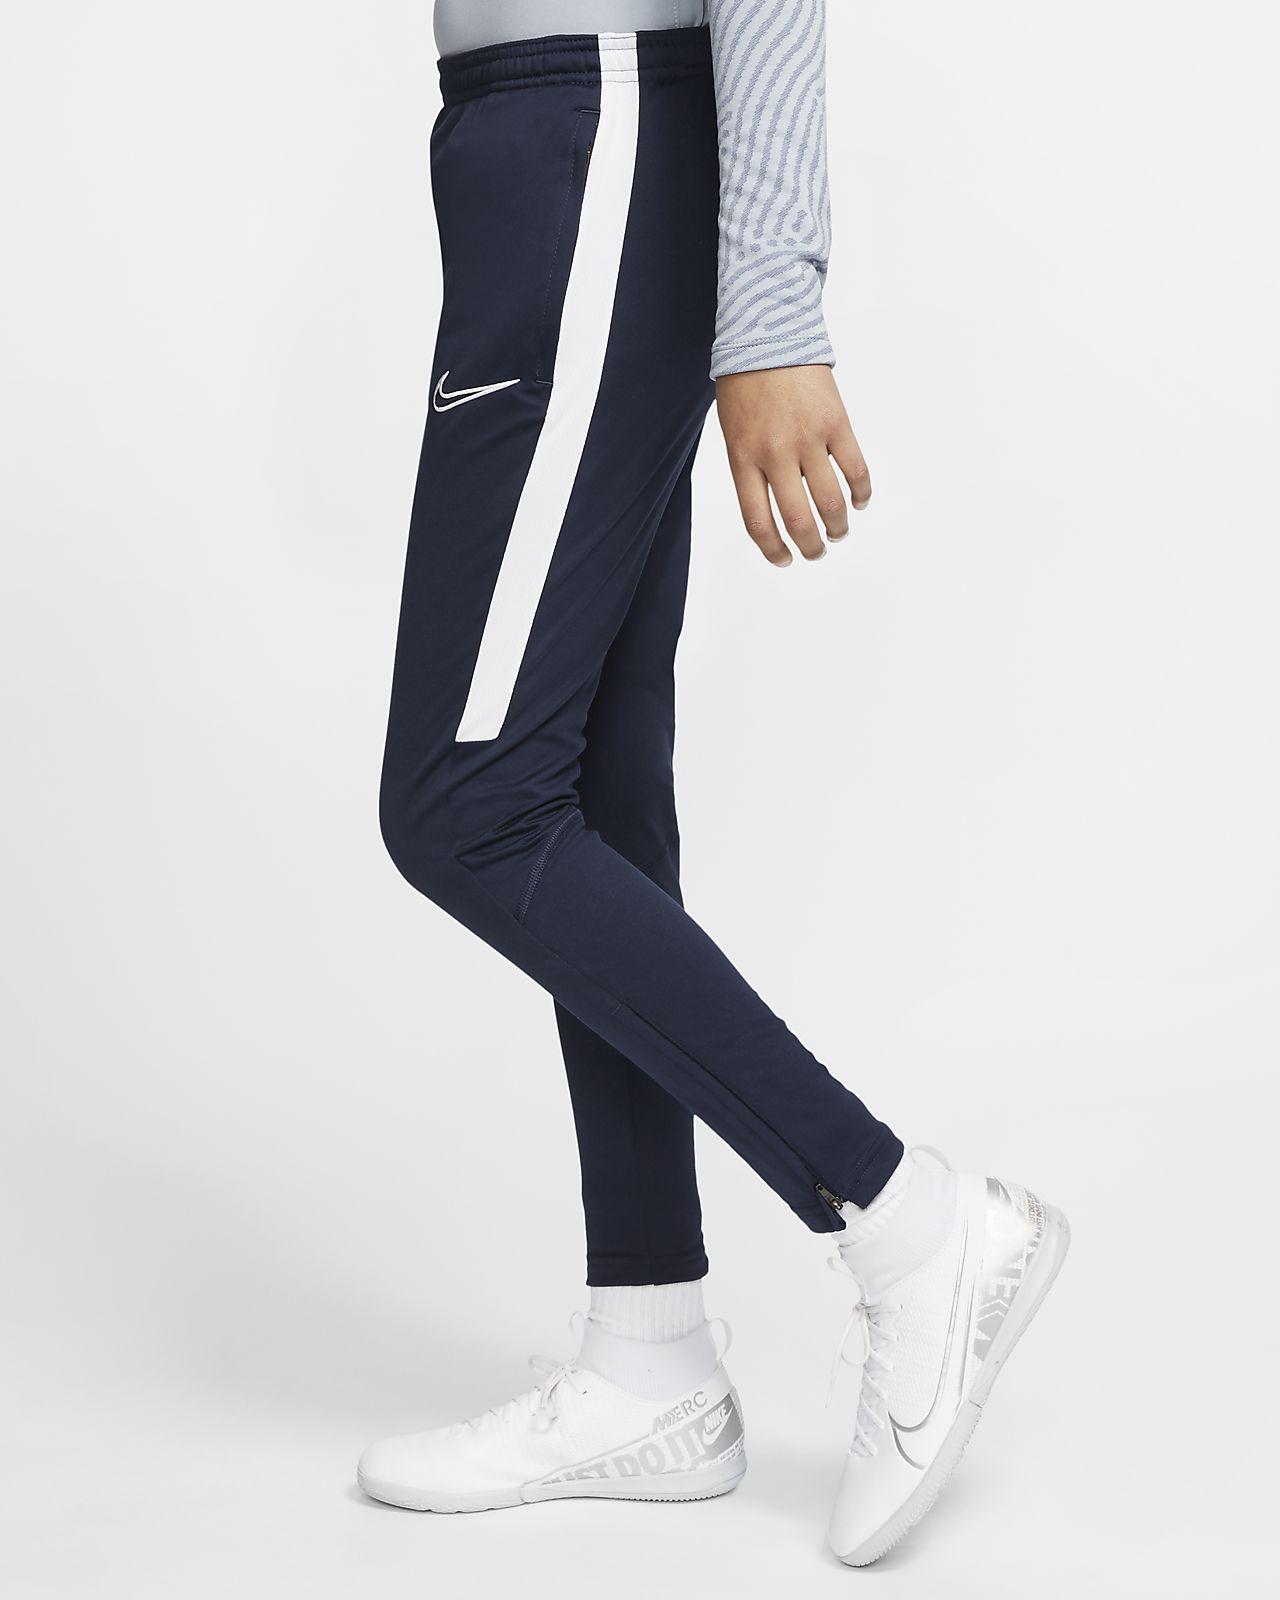 Calças de futebol Nike Dri FIT Academy Júnior